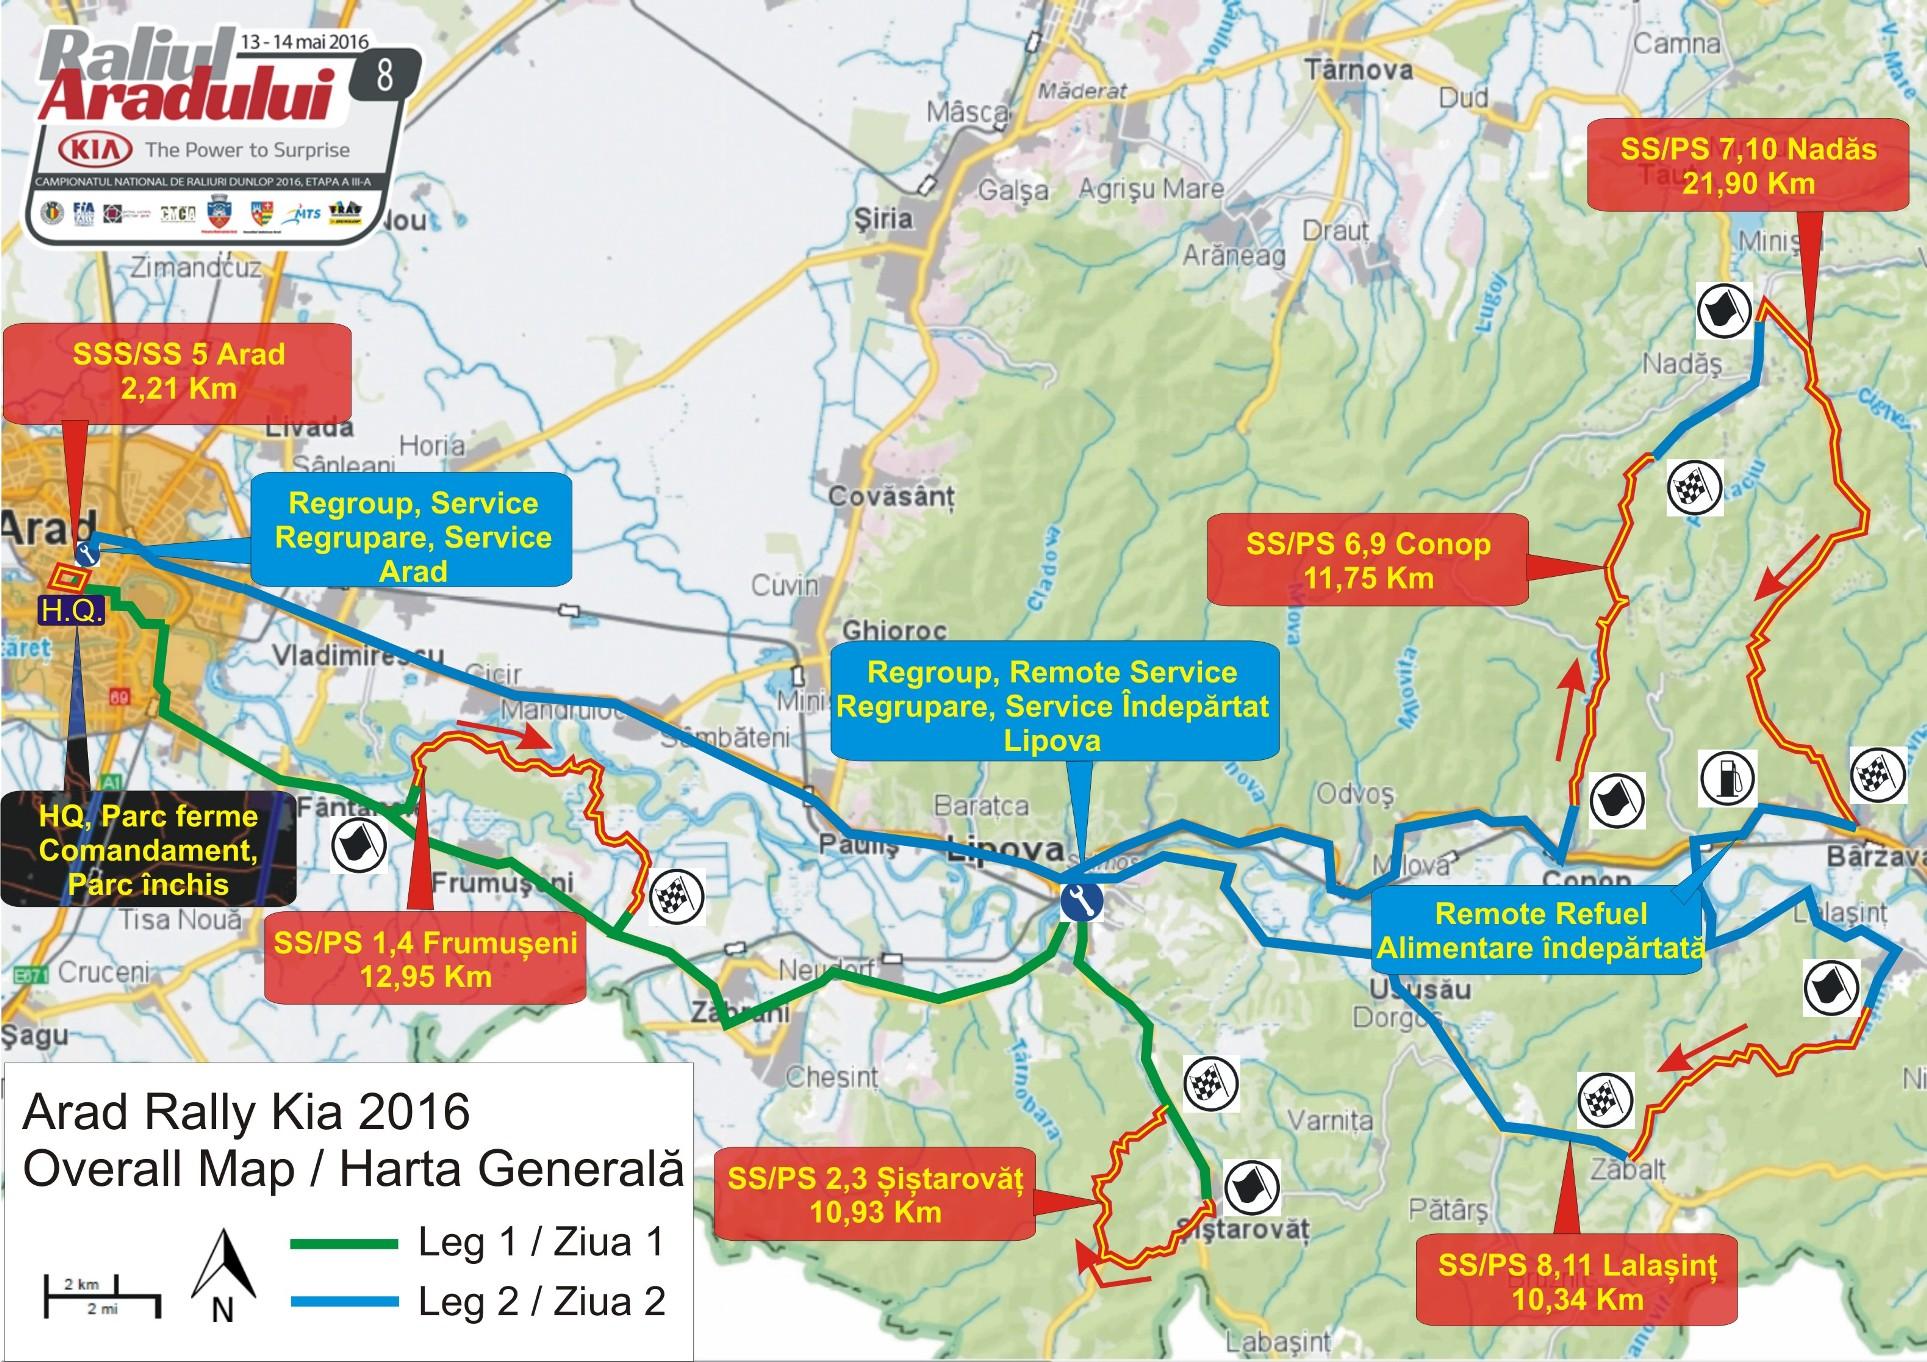 Două săptămâni până la startul Raliului Aradului KIA – Documente oficiale